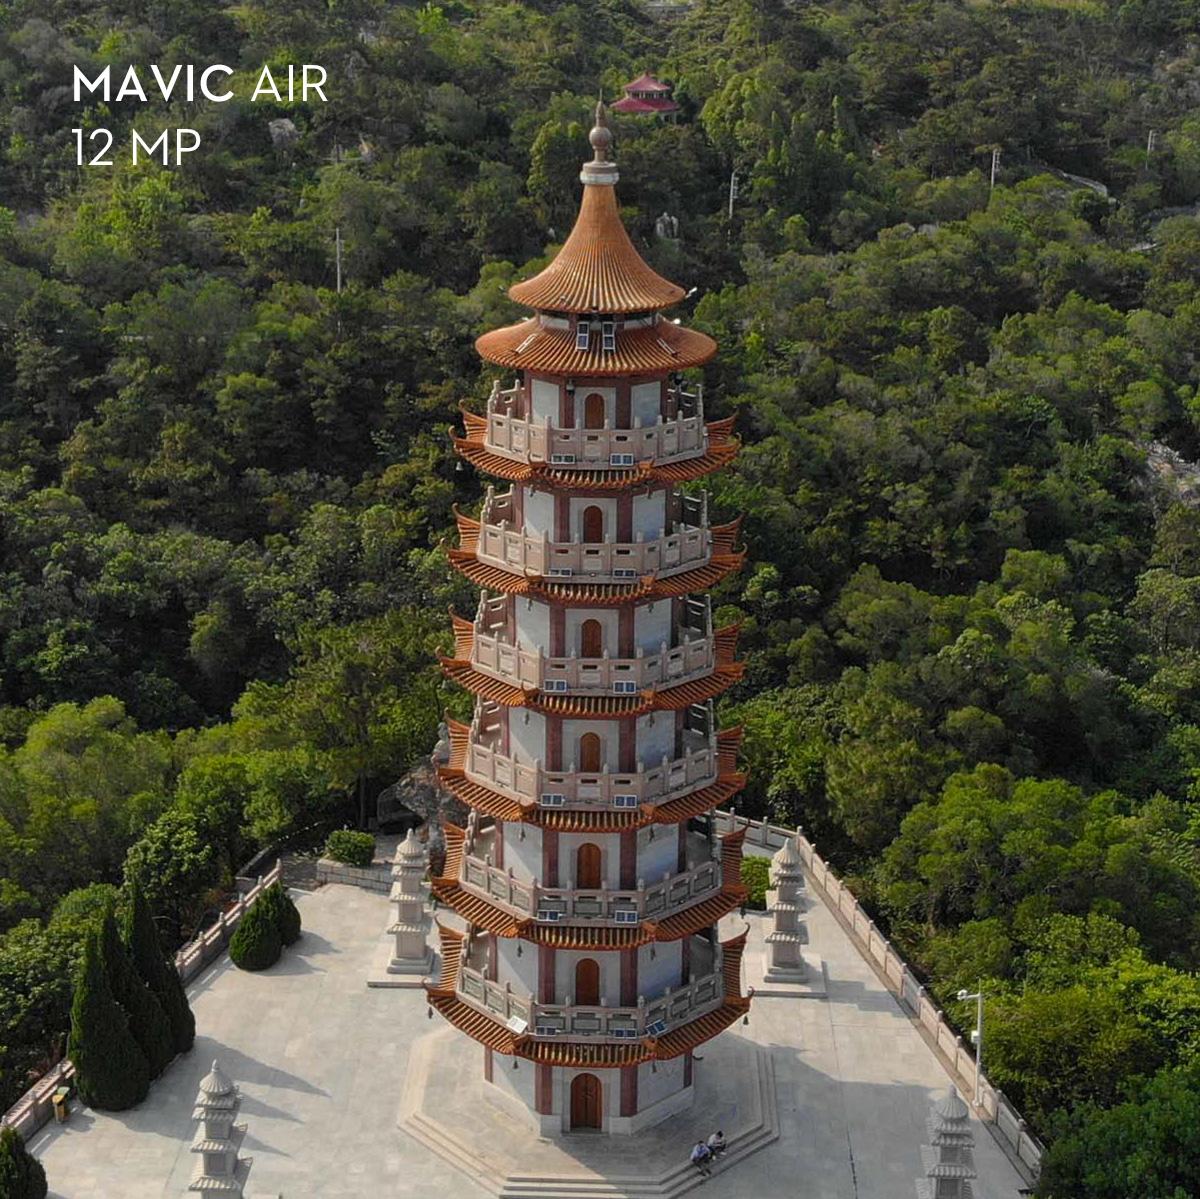 Mavic Air 12MP